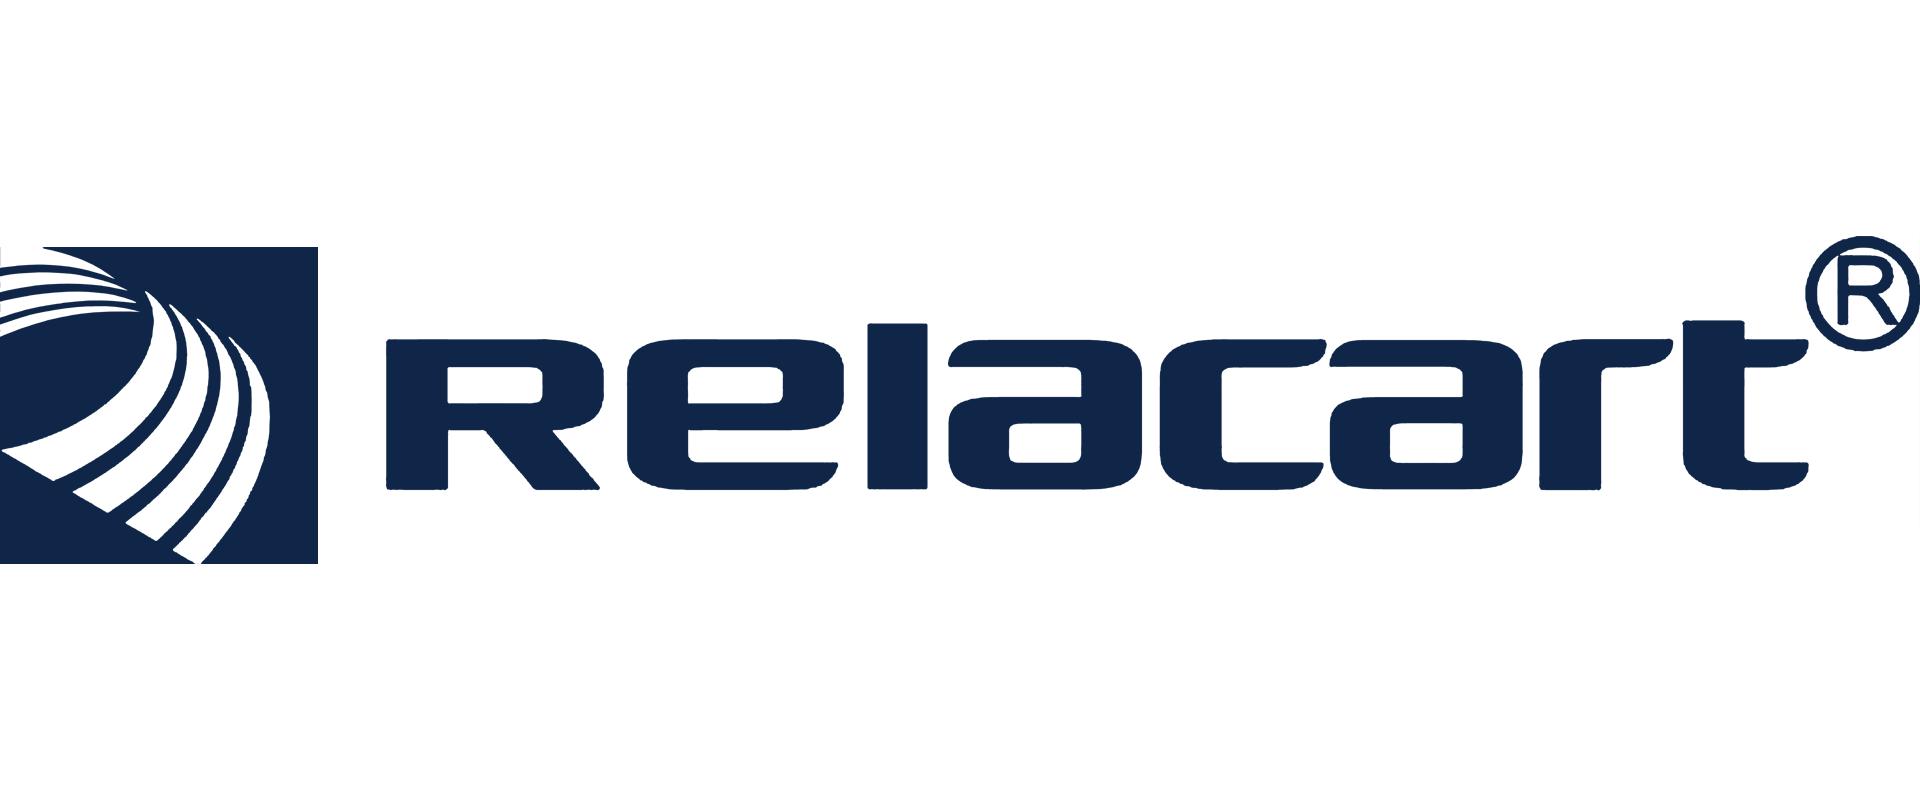 恩平市力卡电子有限公司 (力卡Relacart)概况——力卡Relacart产品品牌商标LOGO标志